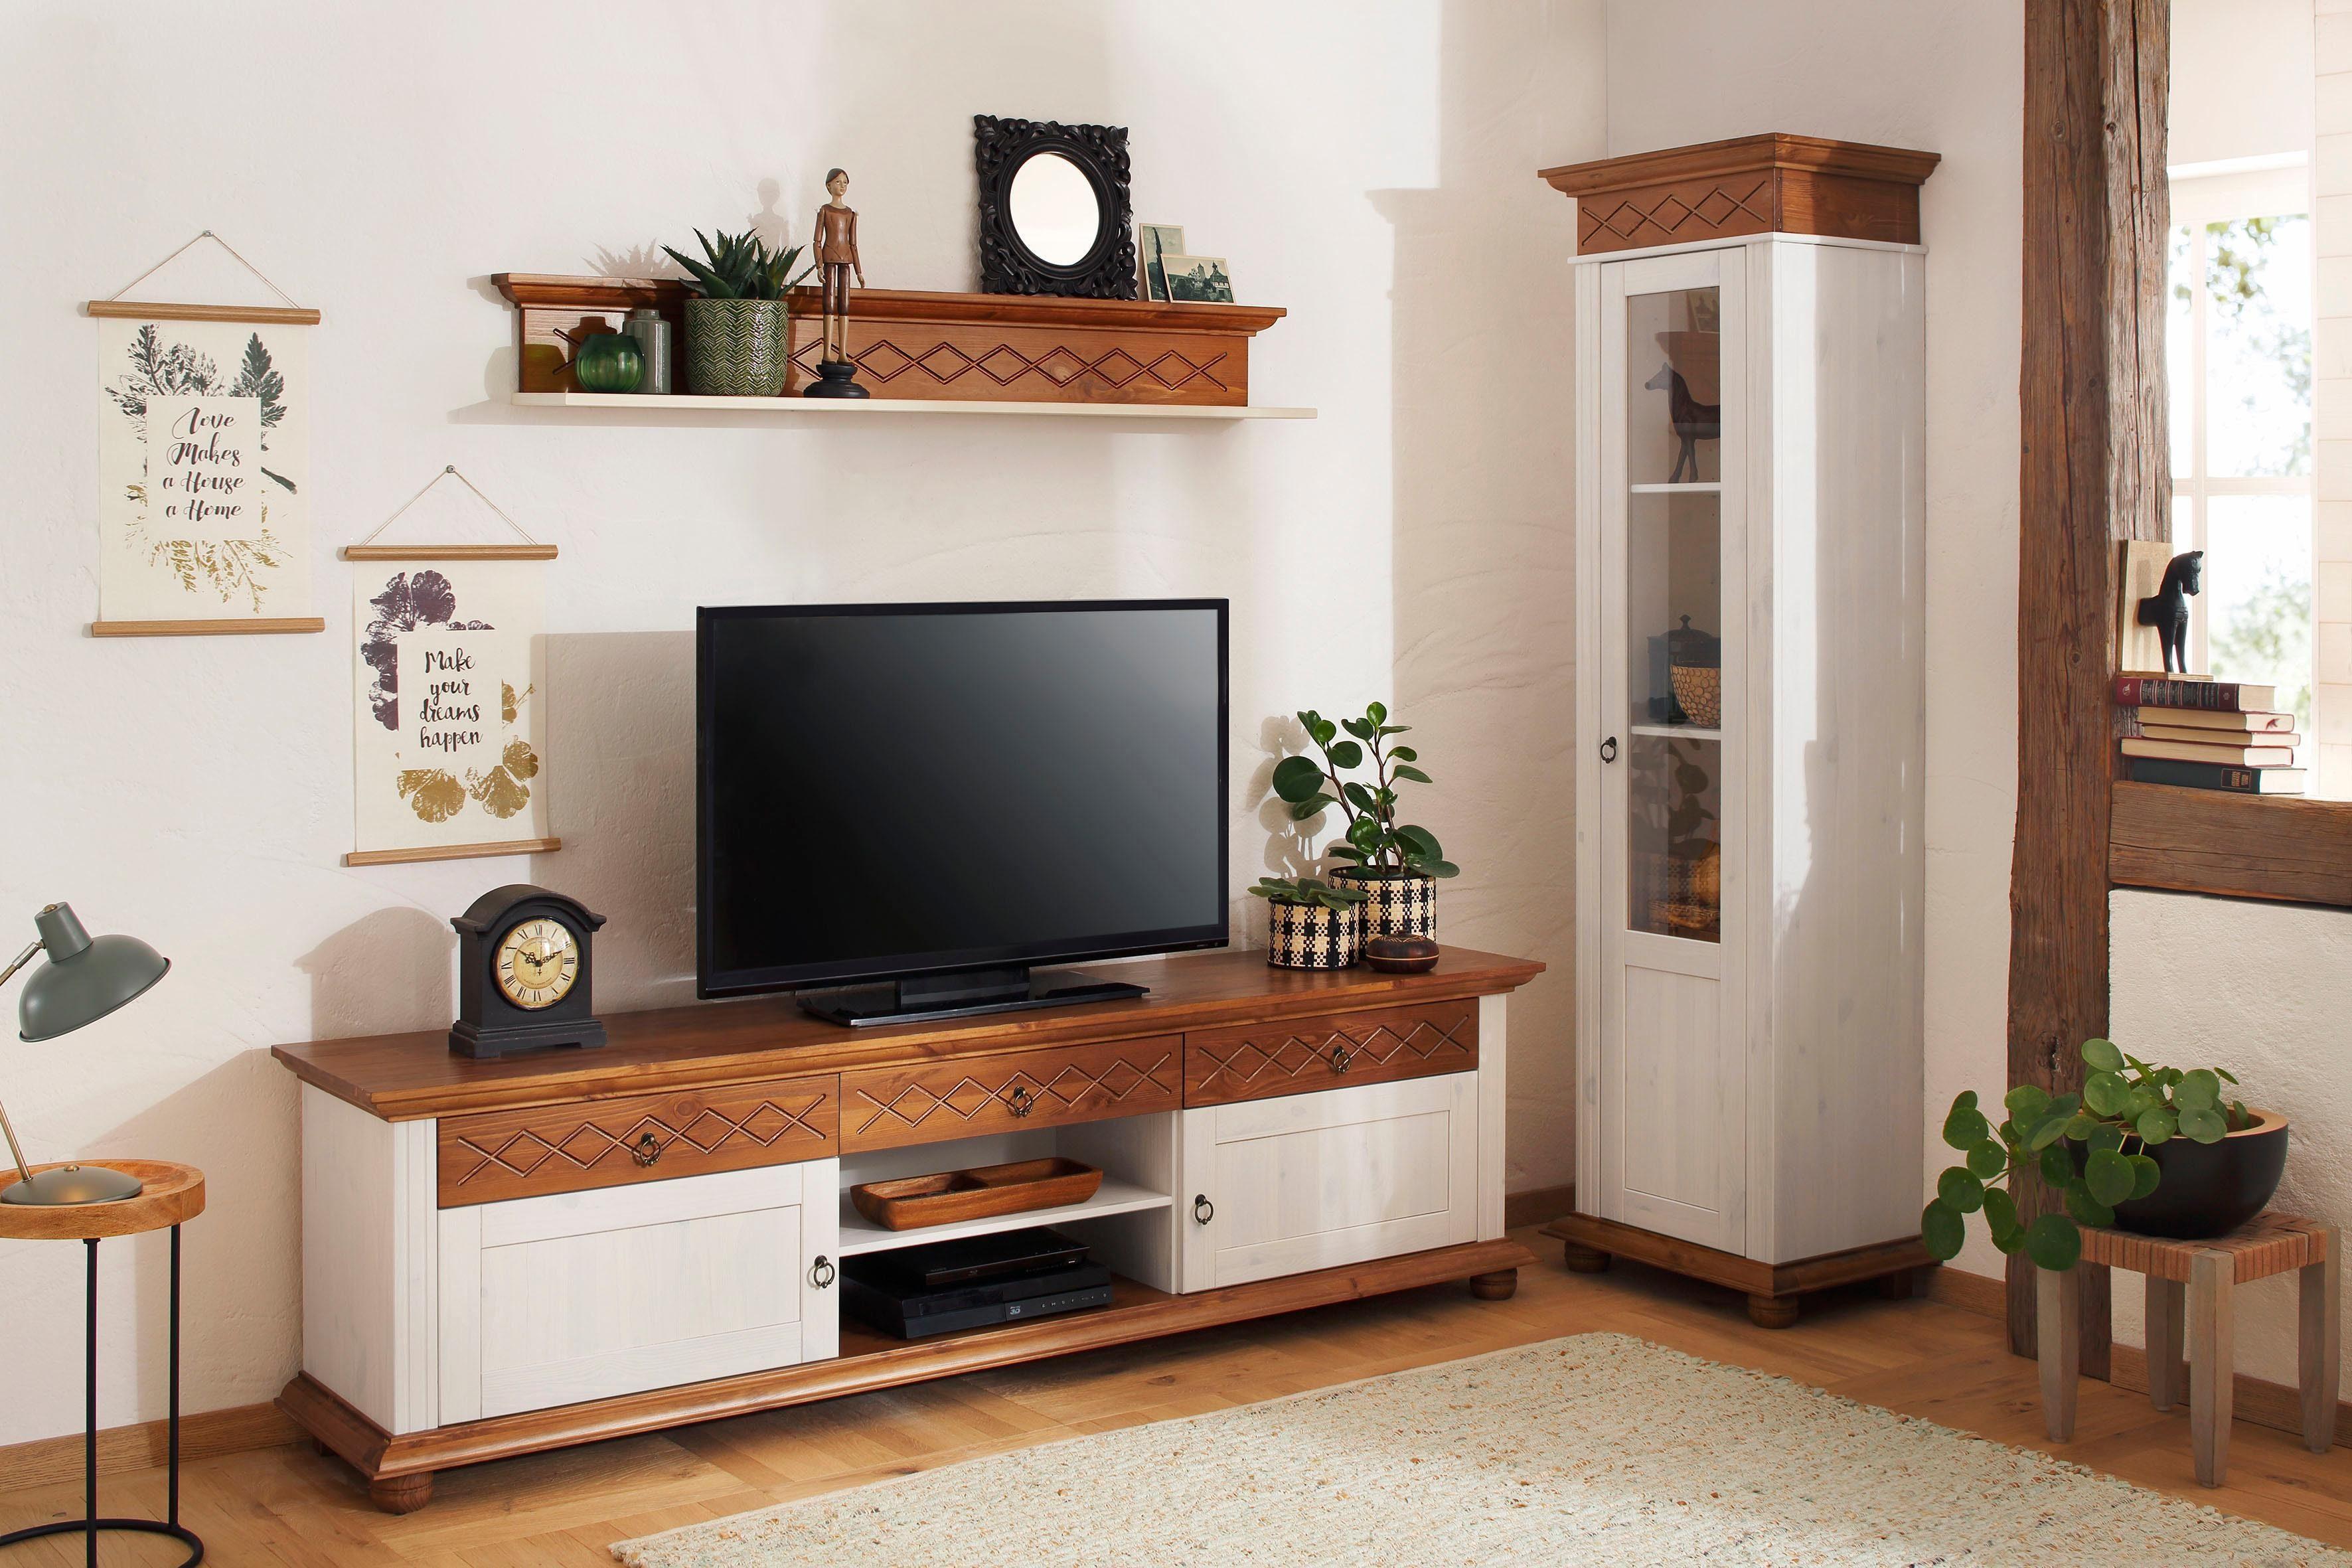 Home affaire TV-Lowboard »Helma«, mit dekorativer Kranzleiste, Breite 200 cm